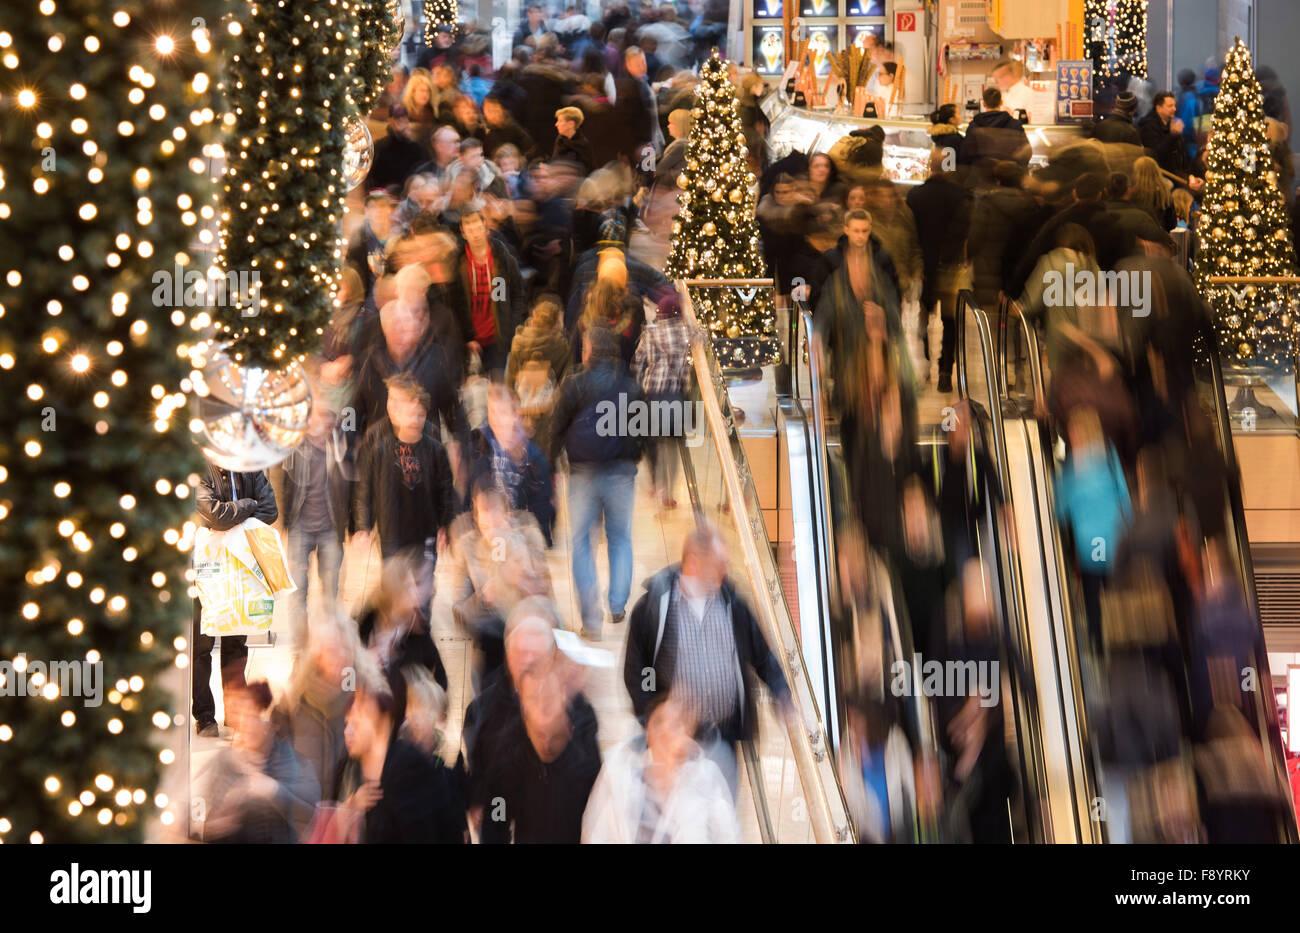 dpatopbilder Zahlreiche Menschen strömen am 12.12.2015 in Hamburg durch das Shoppingcenter 'Europapassage' - Stock Image